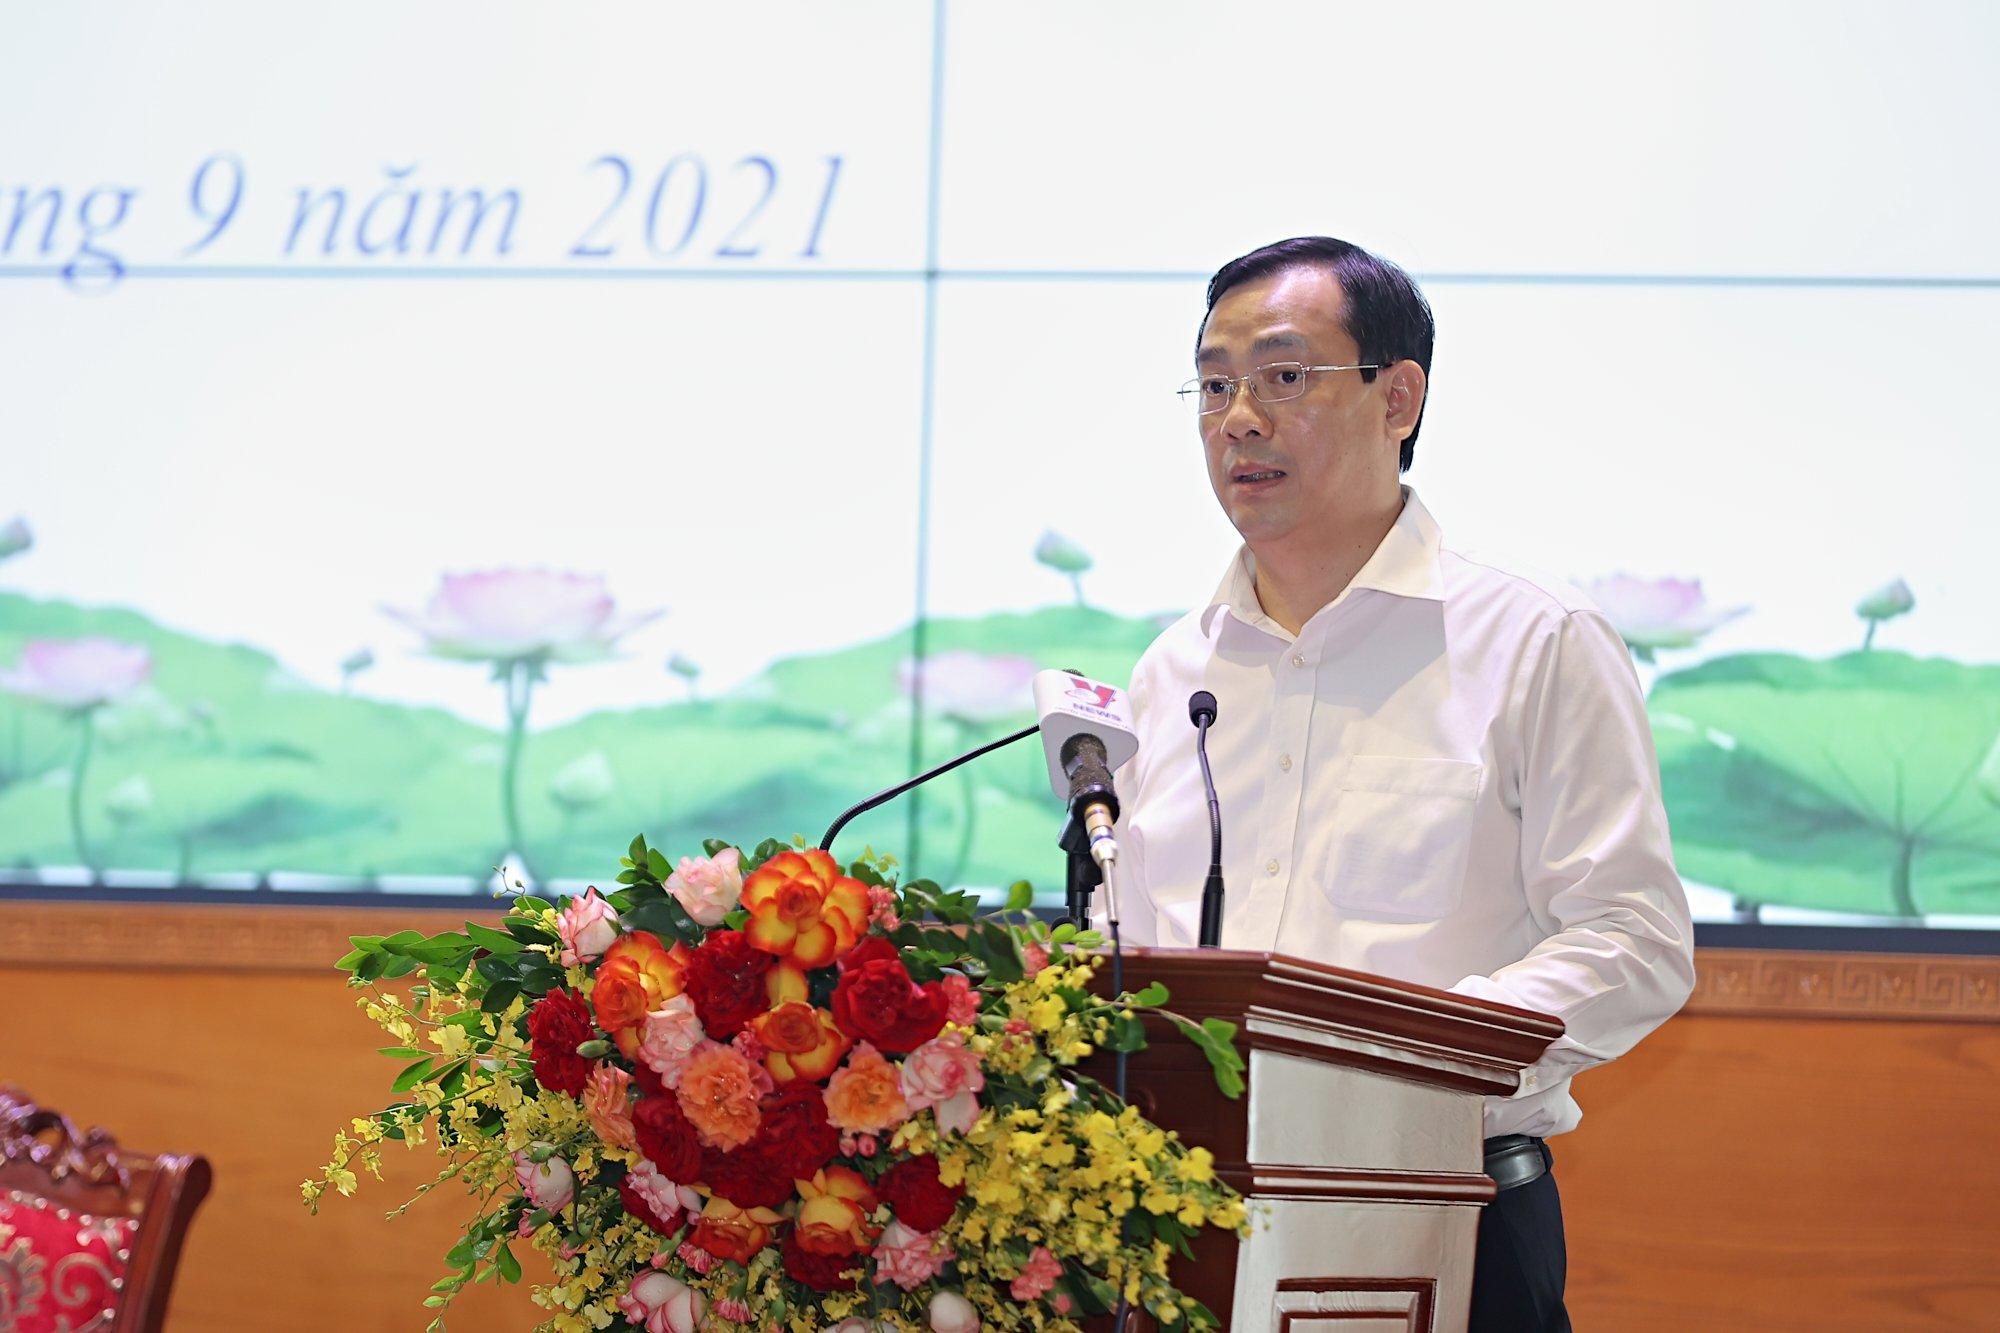 """Bộ trưởng Nguyễn Văn Hùng: """"Thấy được sự hy sinh của tuyến đầu chống dịch để tự soi mình, làm nhiều, cống hiến nhiều hơn"""" - Ảnh 2."""